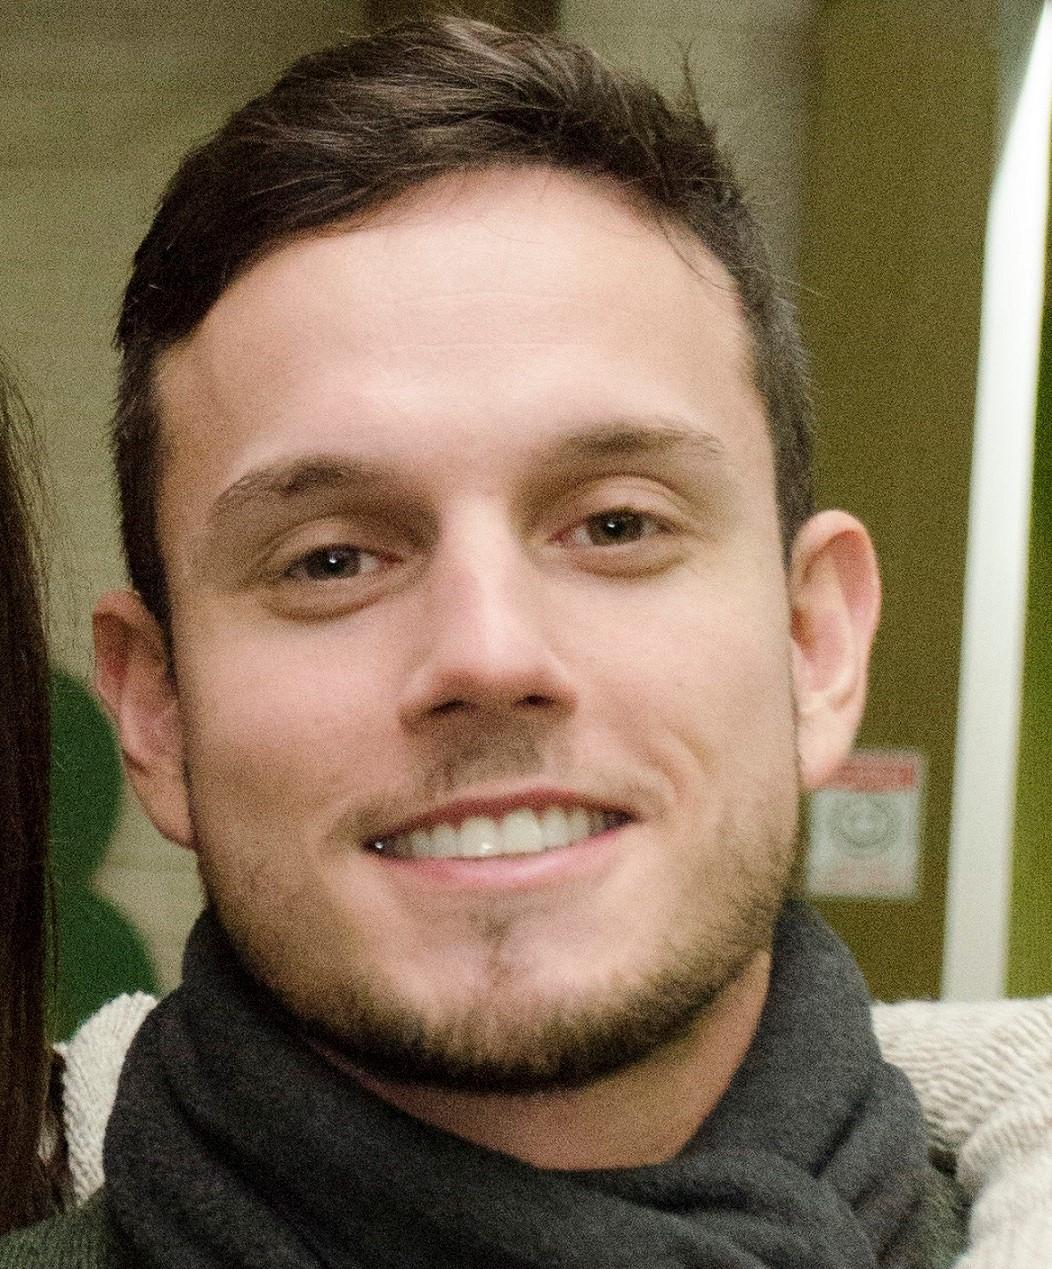 ENTREVISTA: Marcel Poeta Faria - Aprovado no concurso da Polícia Civil do Estado do Rio Grande do Sul no cargo de Inspetor